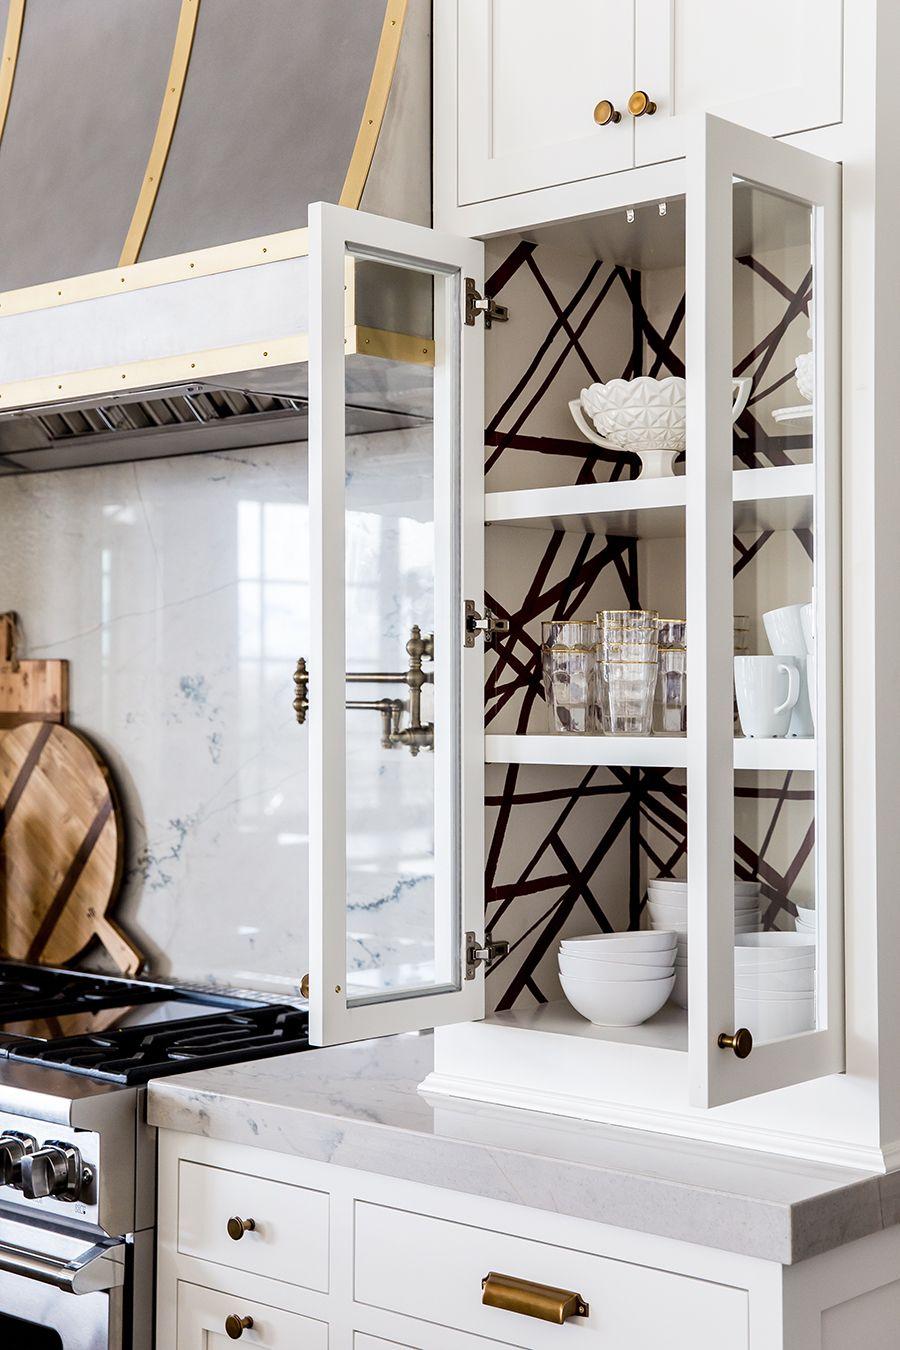 Ivory lane kitchen reveal kelly wearstler wallpaper in cabinets